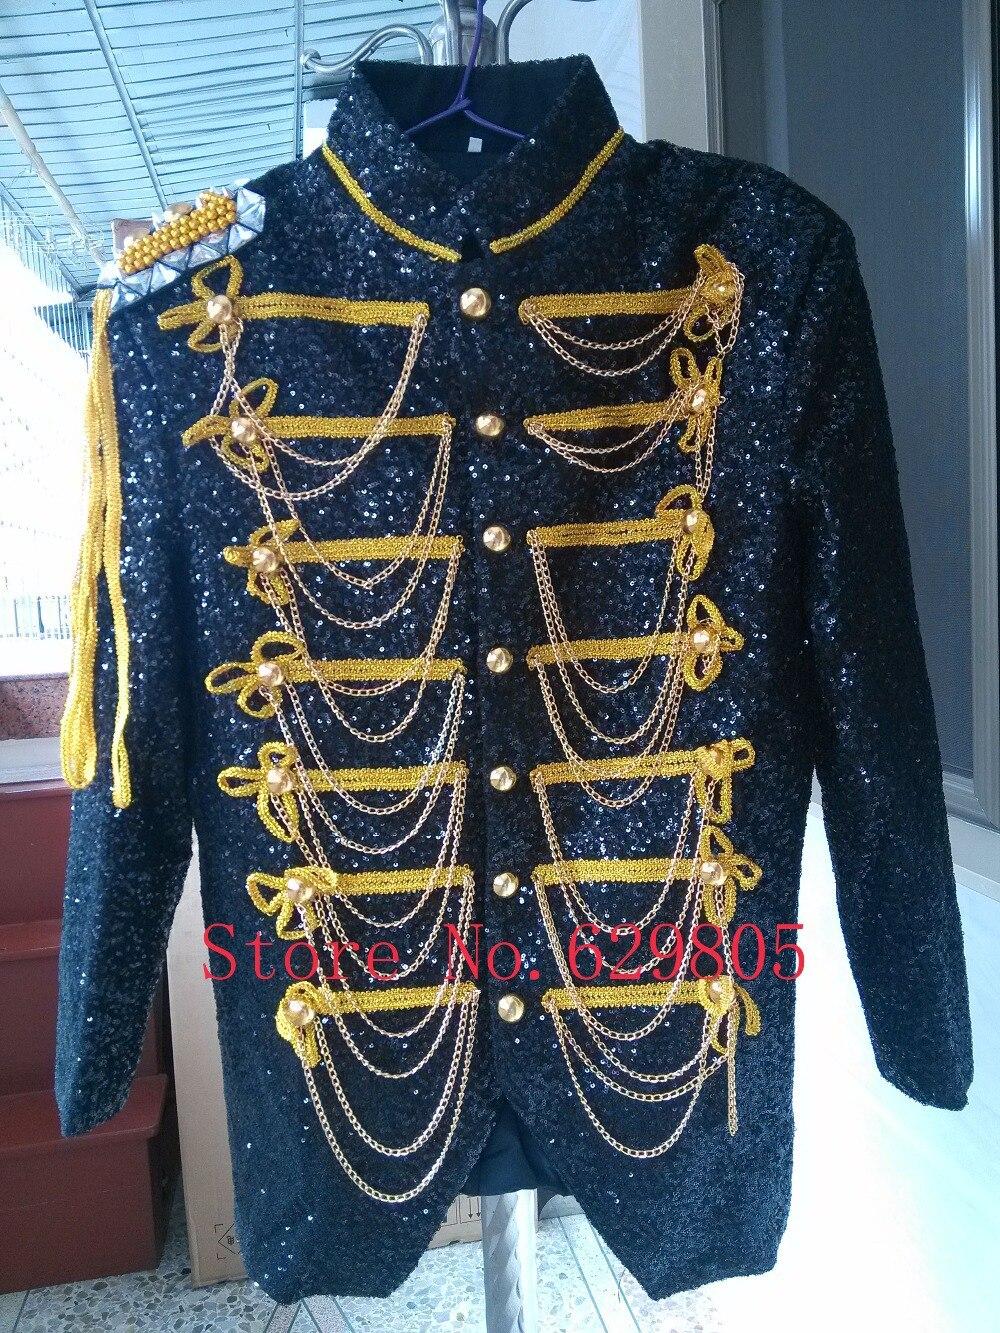 d1021d30127f1 الذكور زي السترة سترة قميص جديد أزياء سوبر ستار exo مزيج كريس شخصية اللون  كتلة الديكور دعوى